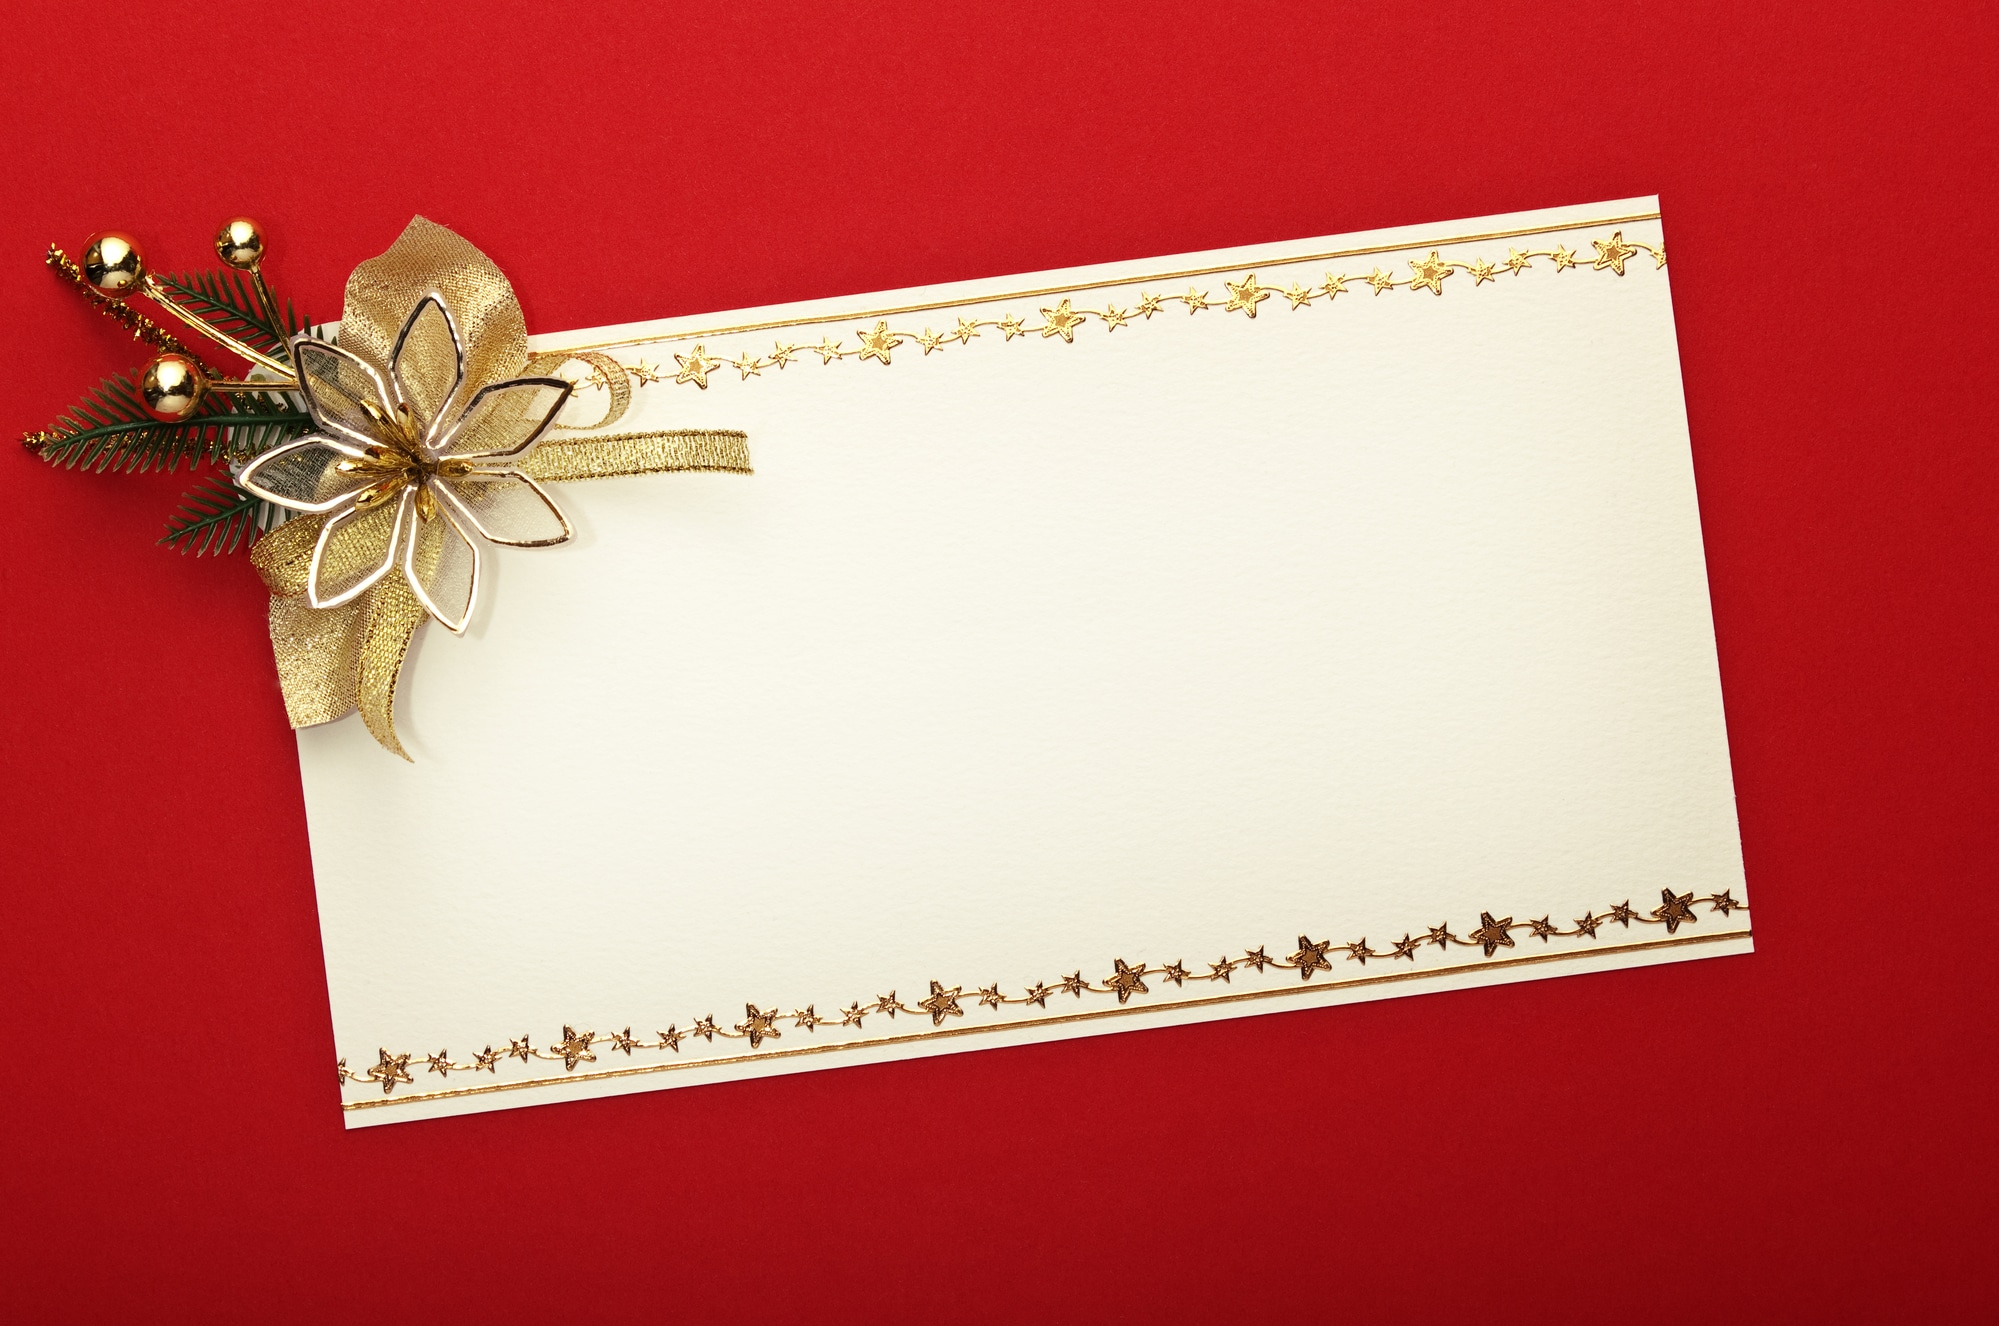 Frohe Weihnachten: 95 Festliche Weihnachtssprüche + 10 für Schöne Weihnachtssprüche Für Kinder